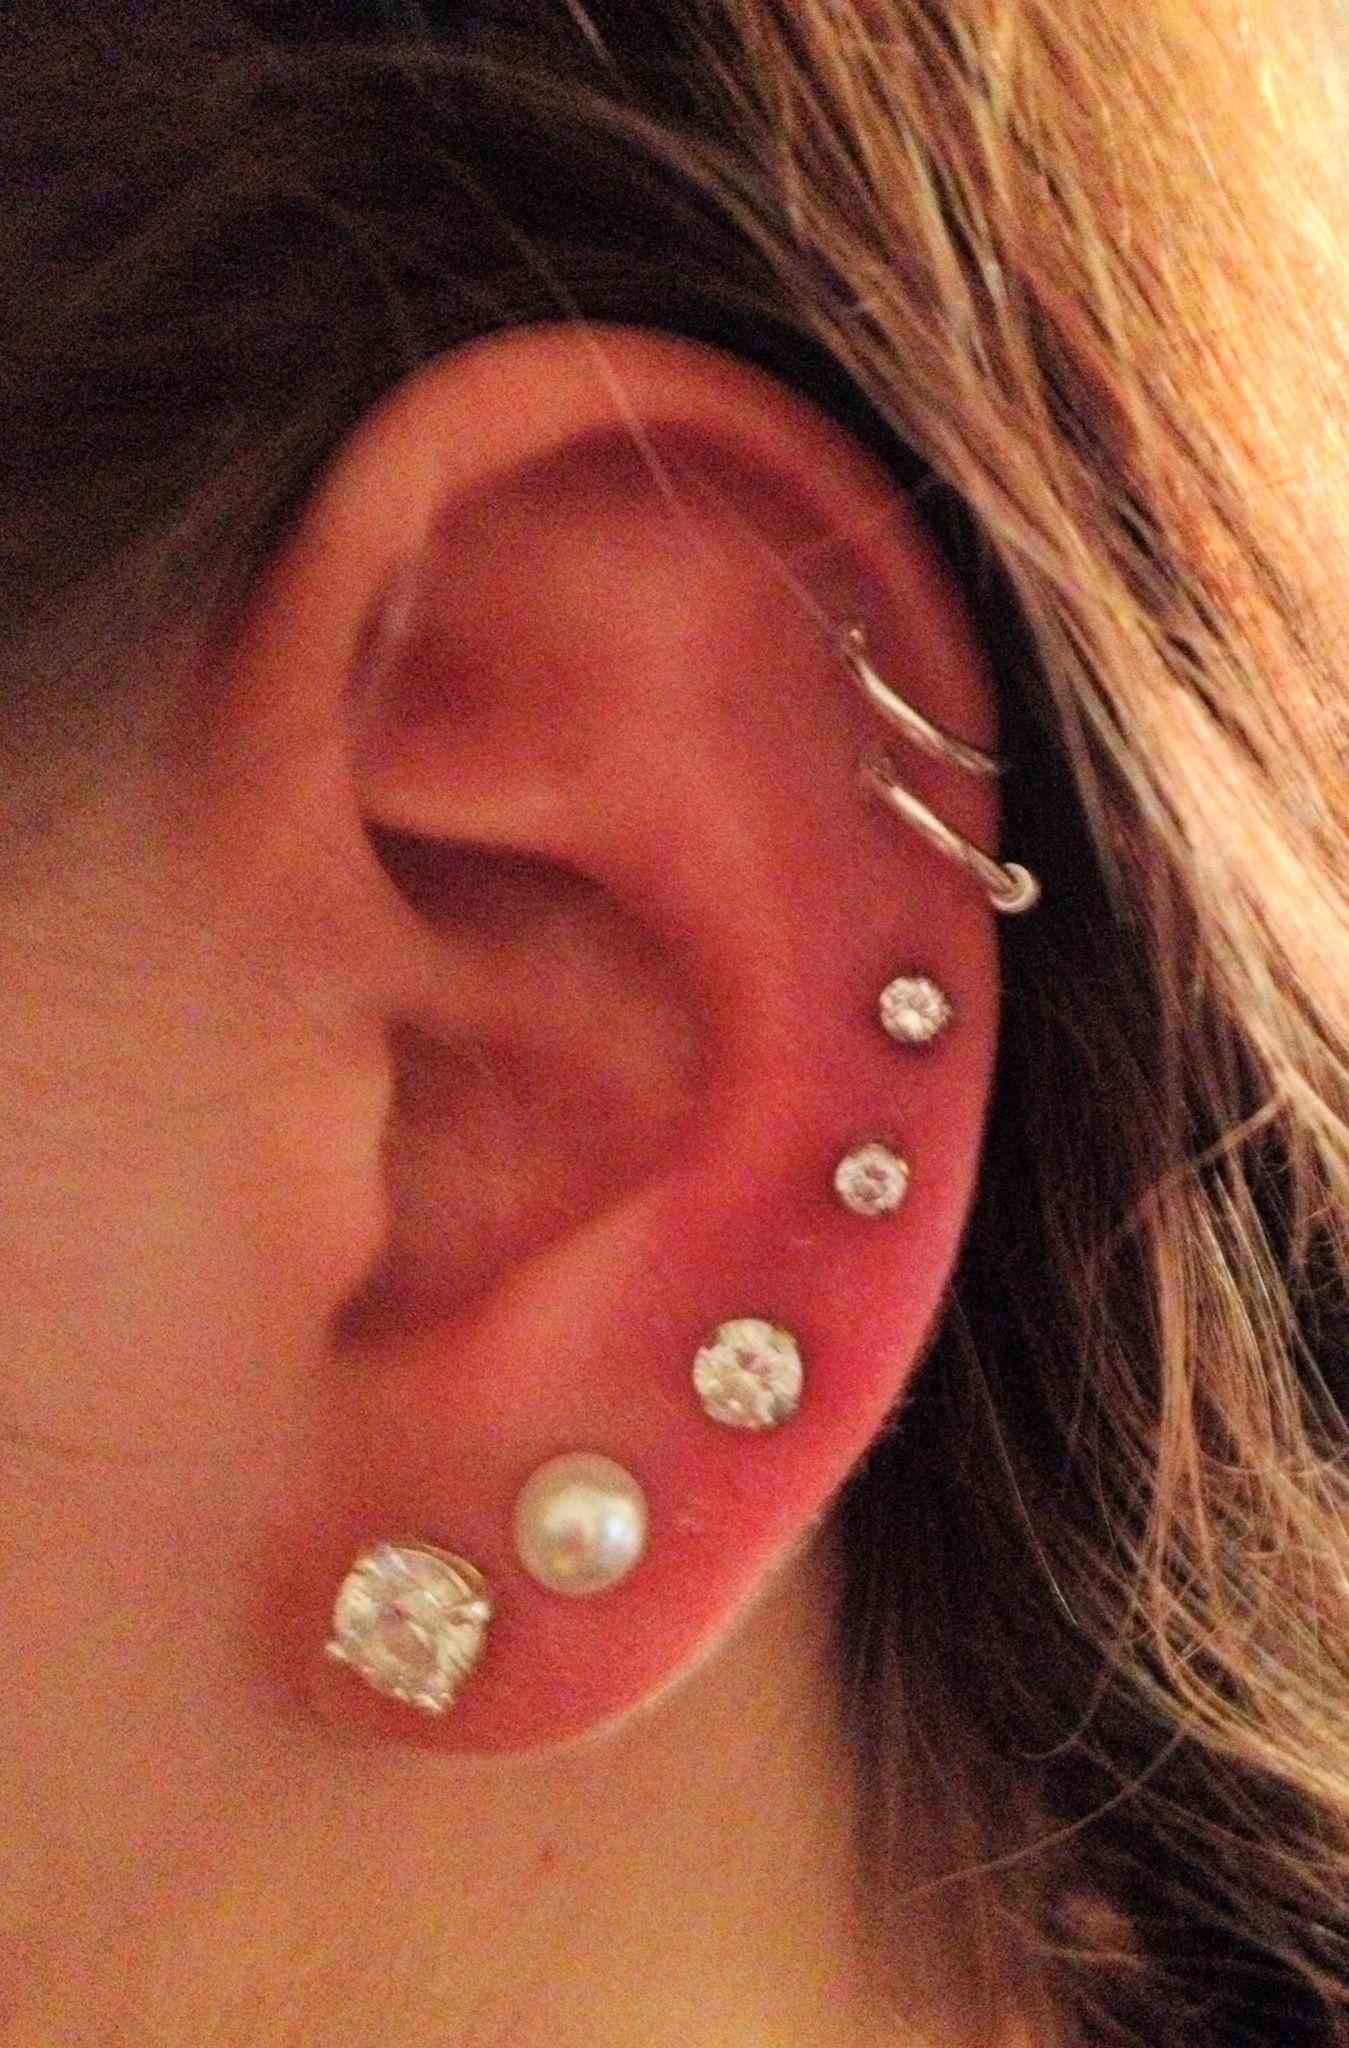 7 ear piercings | inked & pierced. | Pinterest Ear Piercings Pinterest